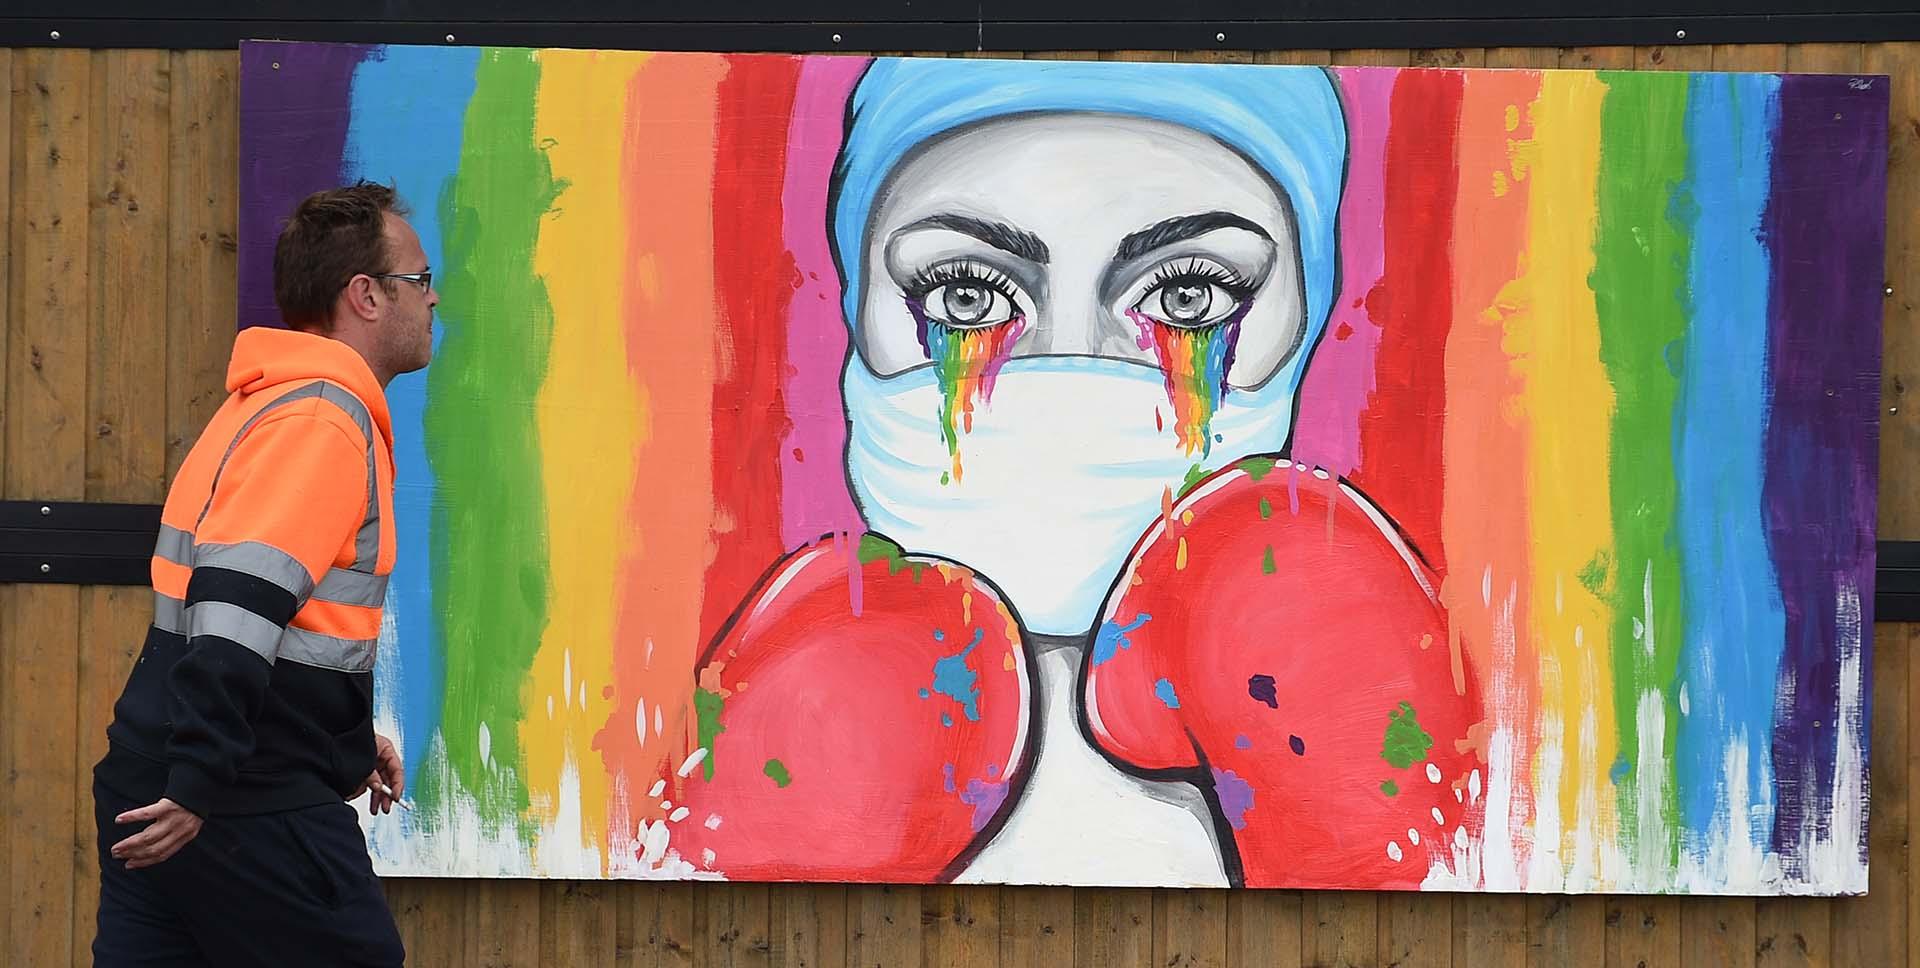 Un hombre pasa frente a un mural de la artista Rachel List en tributo a los trabajadores del servicio público de salud del NHS en Pontefract, al norte de Inglaterra.